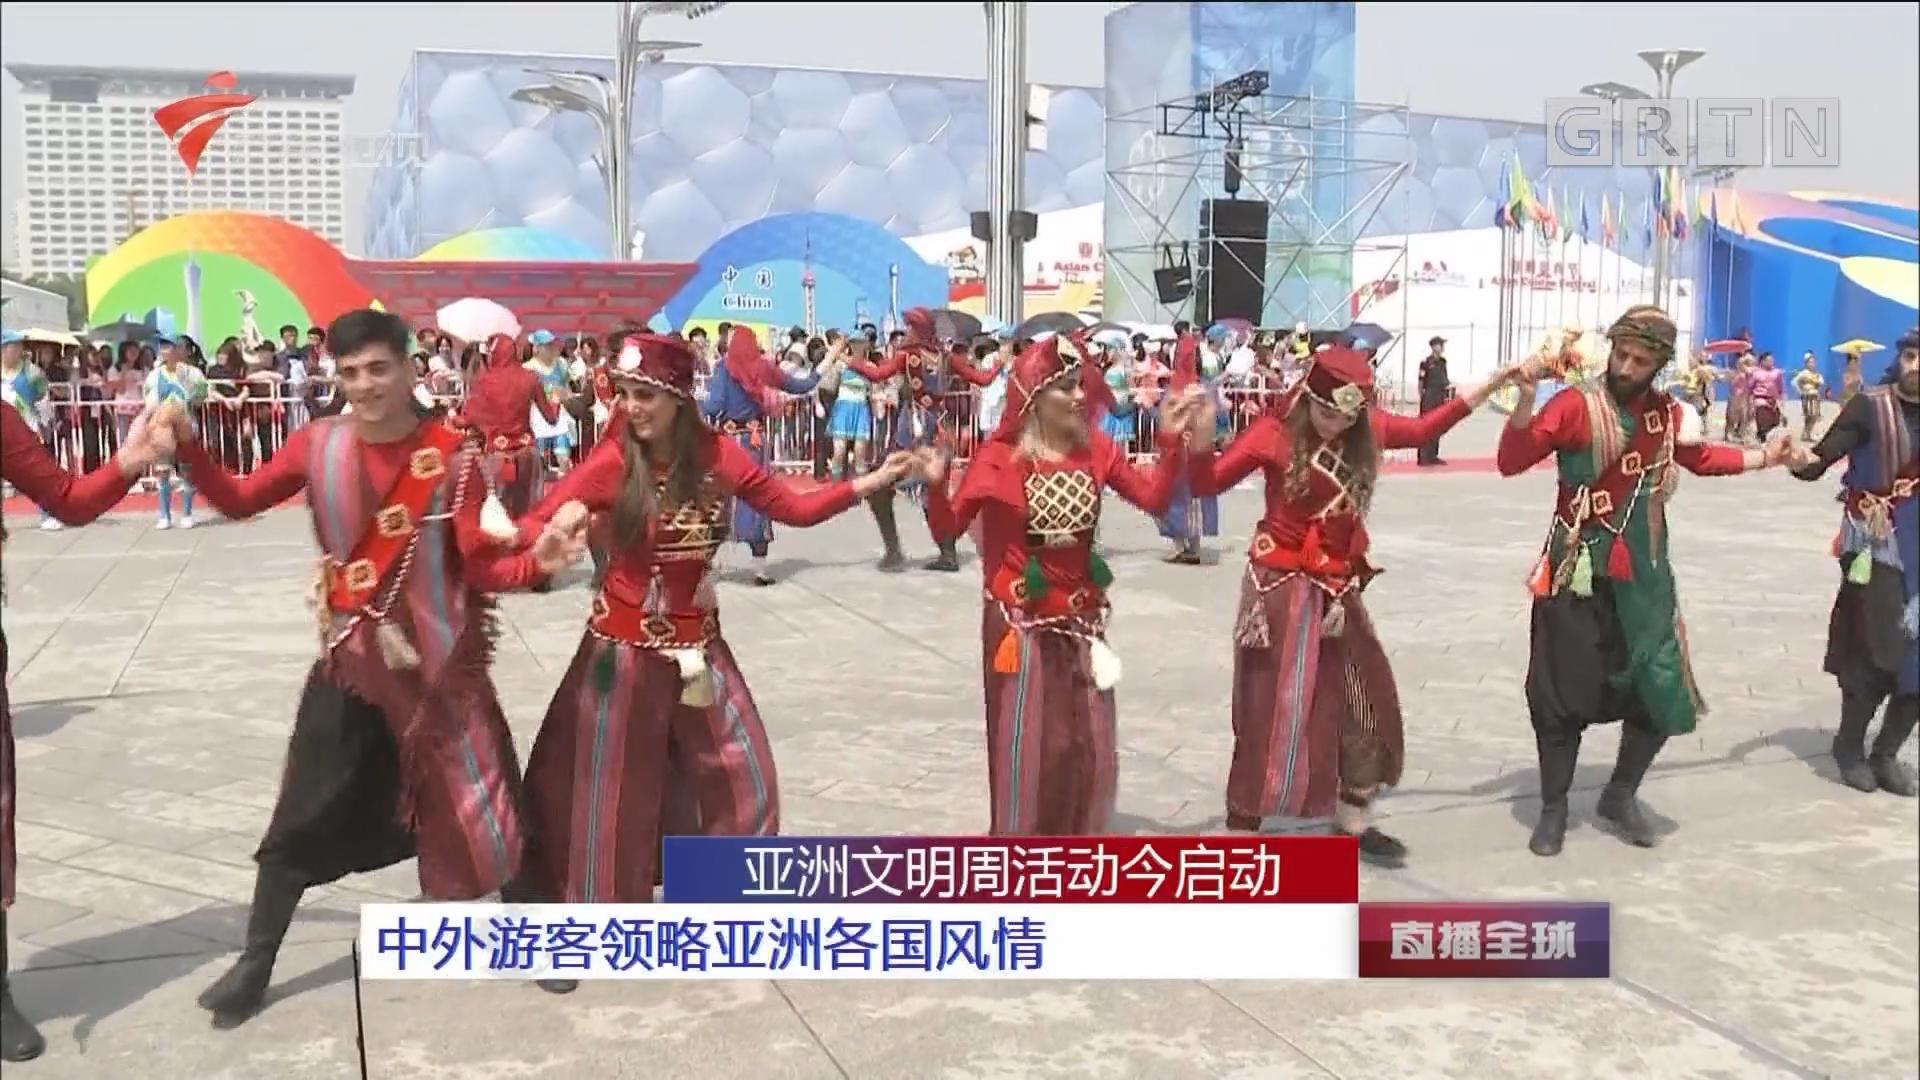 亚洲文明周活动今启动:中外游客领略亚洲各国风情